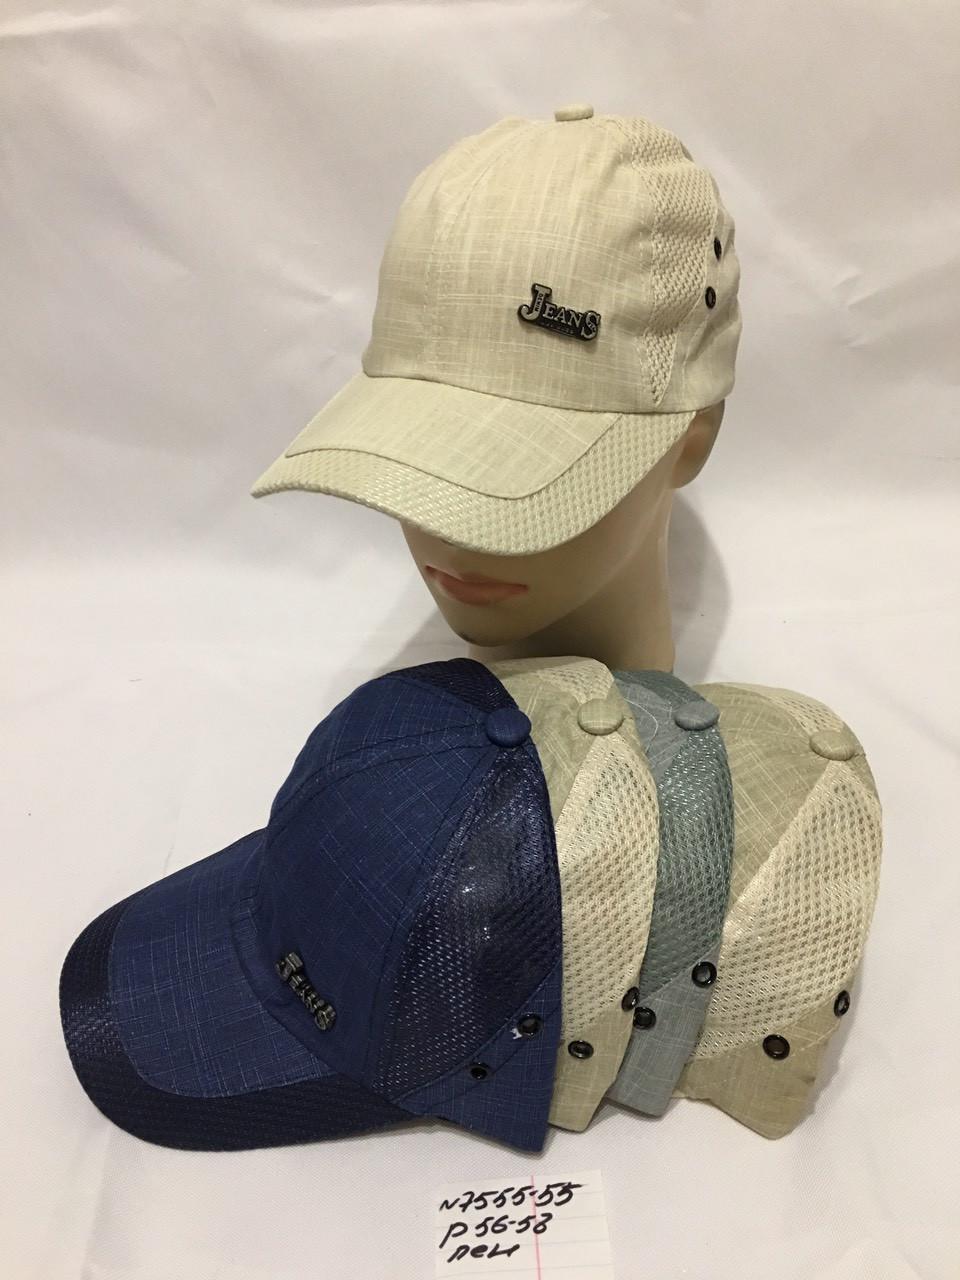 Летняя кепка для мальчика подростка Jeans р.56-58 лен